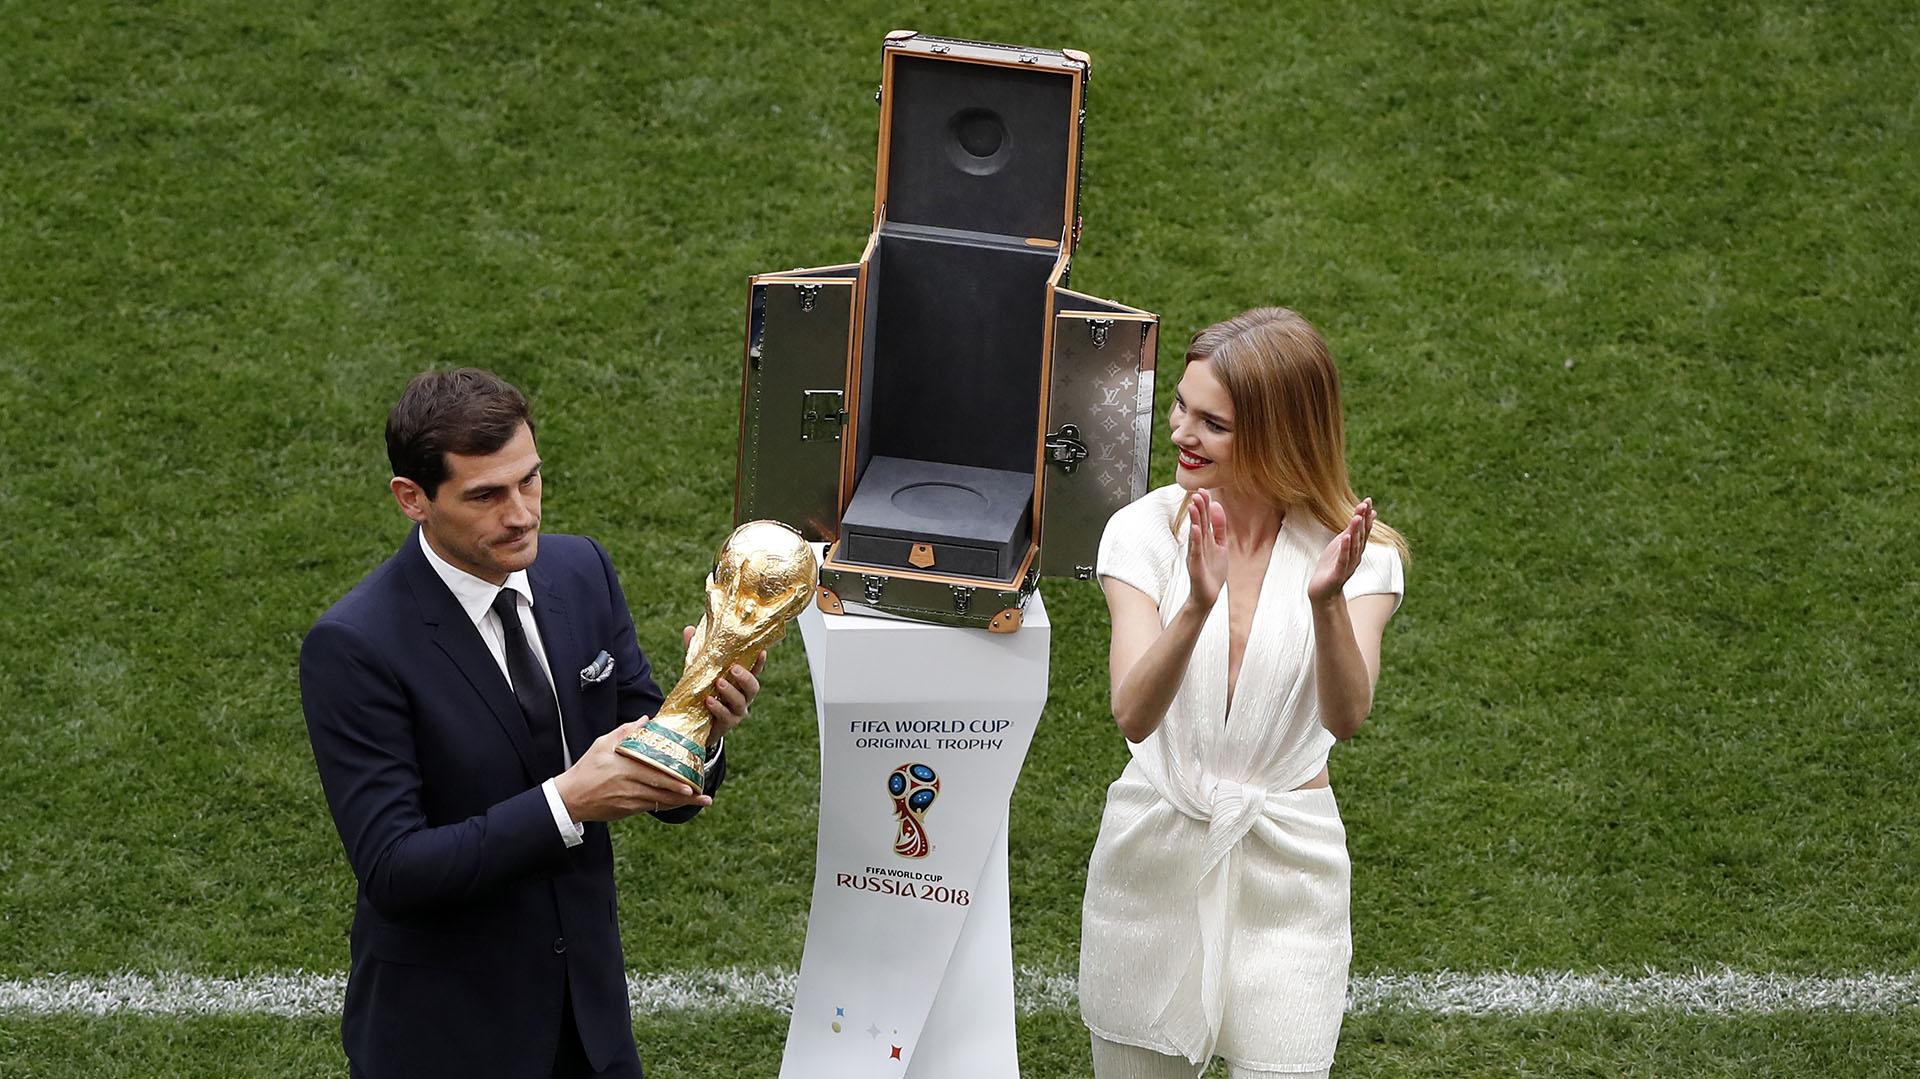 El arquero español Iker Casillas fue el encargado de presentar el trofeo junto a la modelo rusa Natalia Vodiónova. Ambos ingresaron al campo de juego con un cofre que exhibieron ante el público(AP Photo/Darko Bandic)